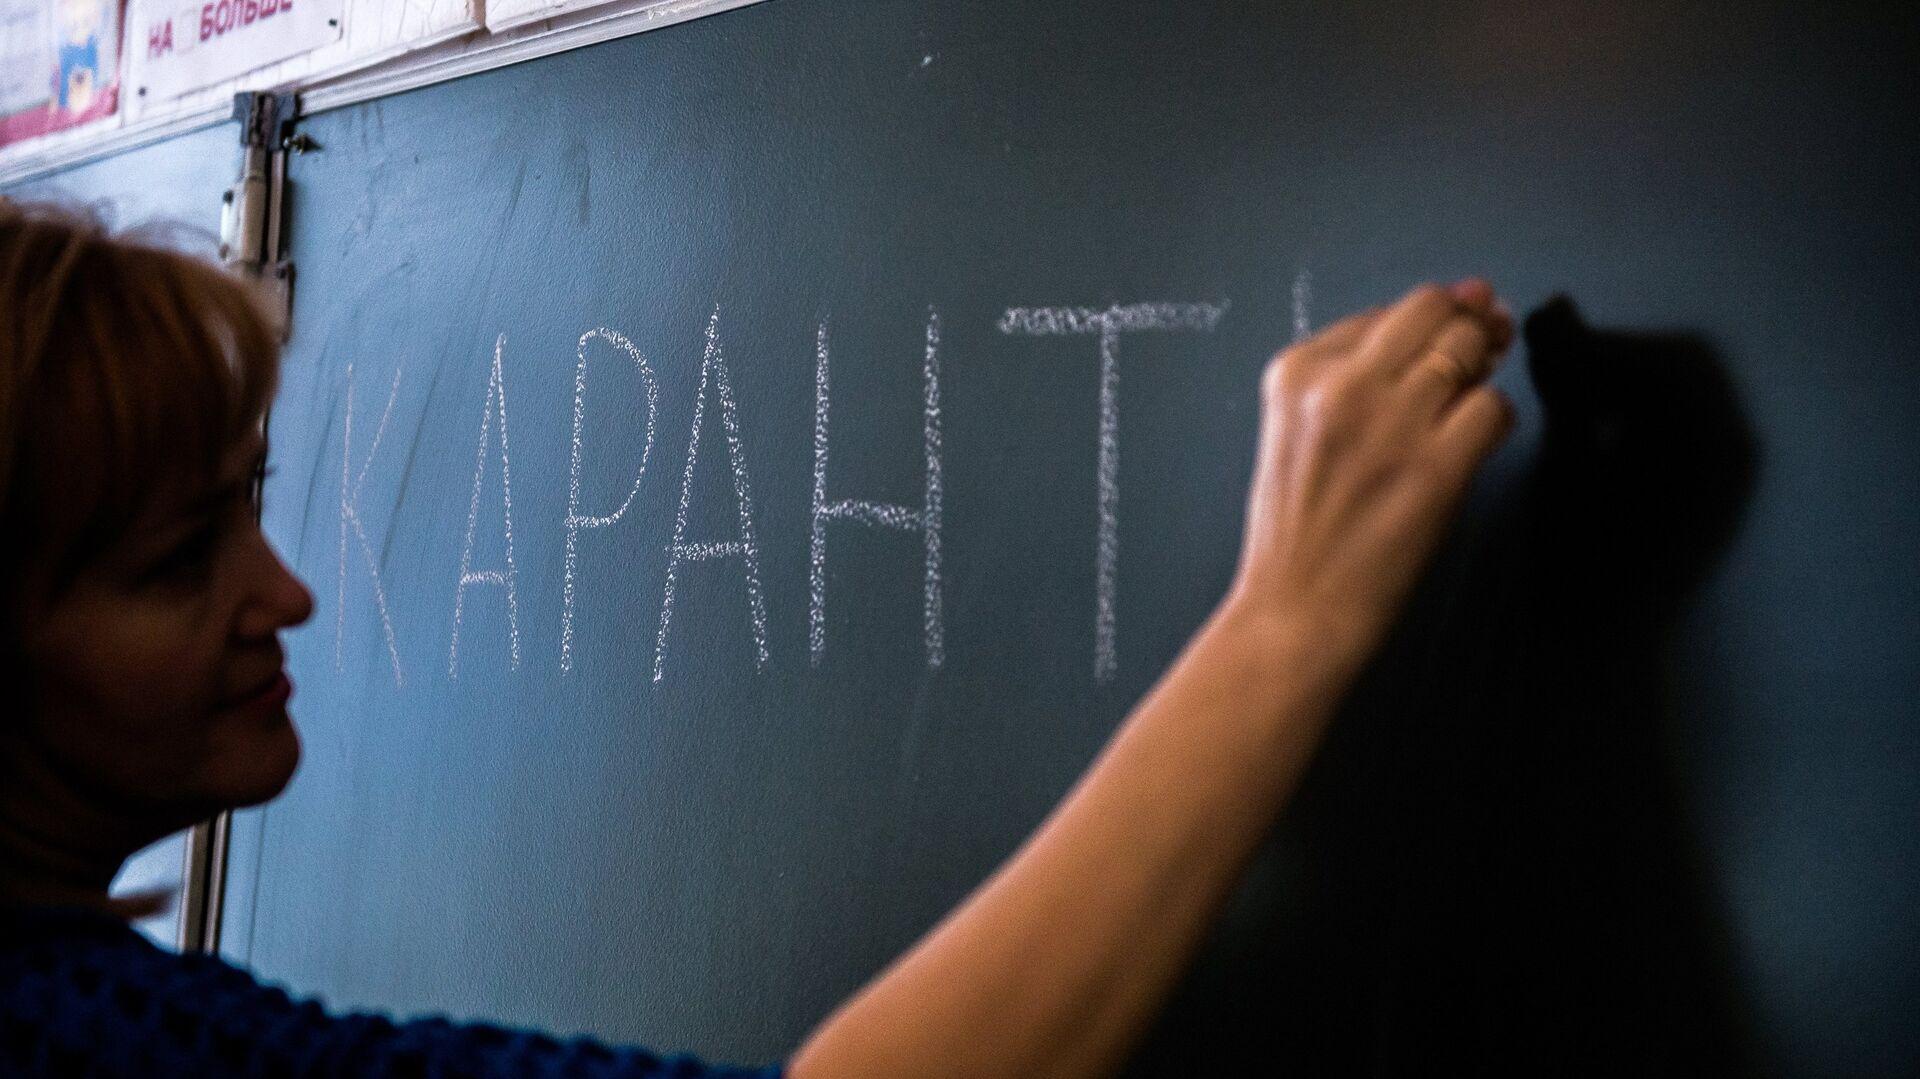 Учитель одной из школ Омска пишет на доске информацию о карантине - РИА Новости, 1920, 24.10.2020